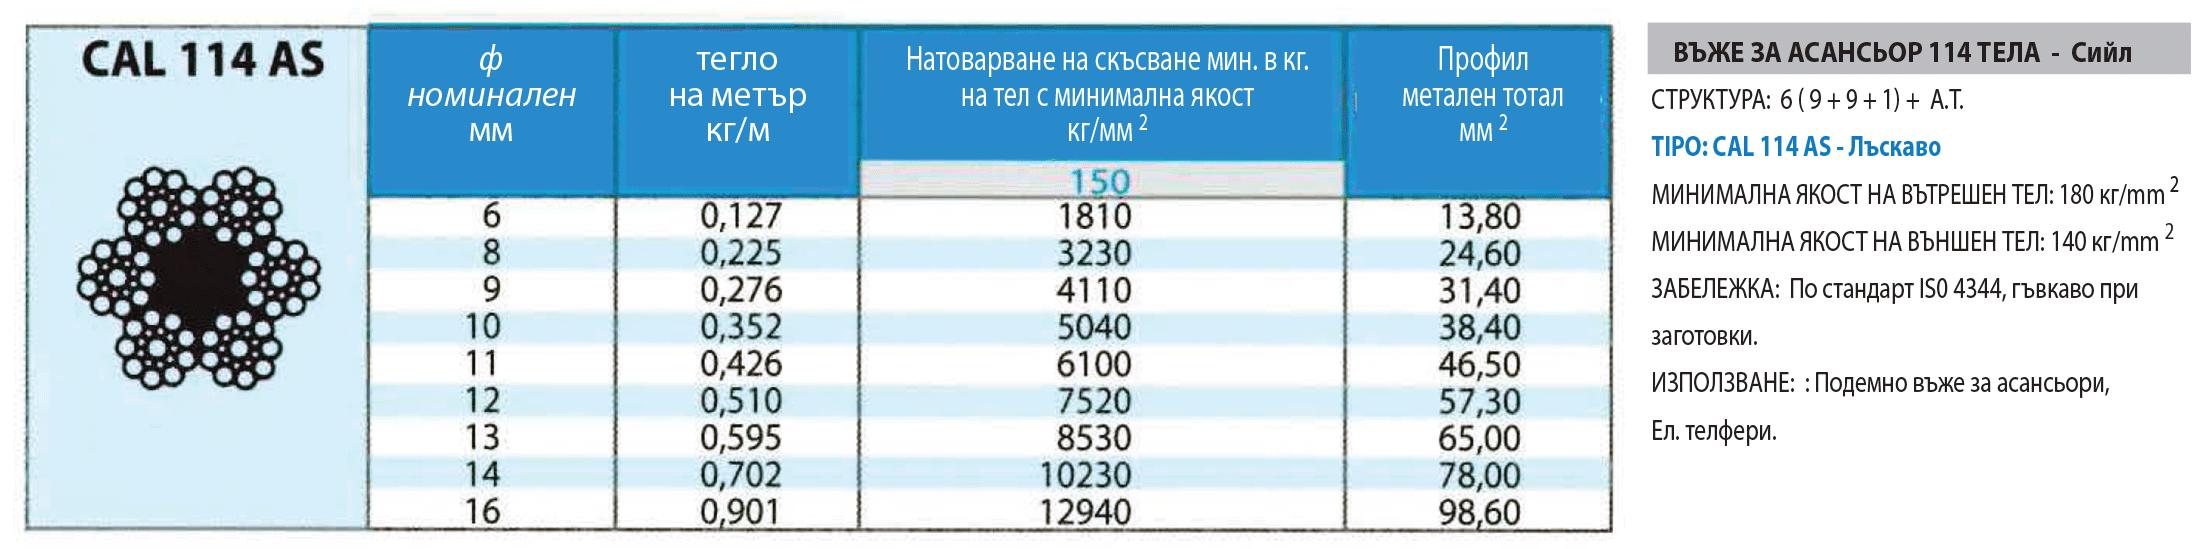 кат-114-AS